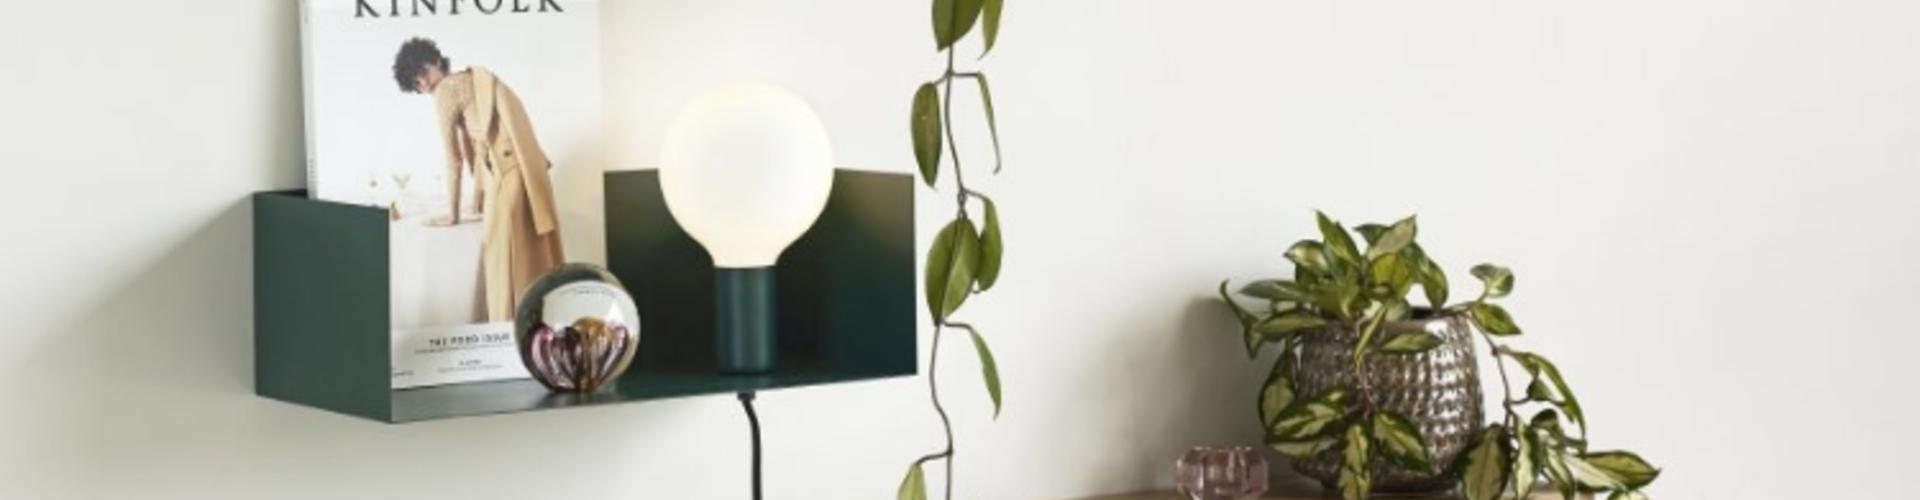 Industriële wandlamp met snoer van Winkel voor Thuis